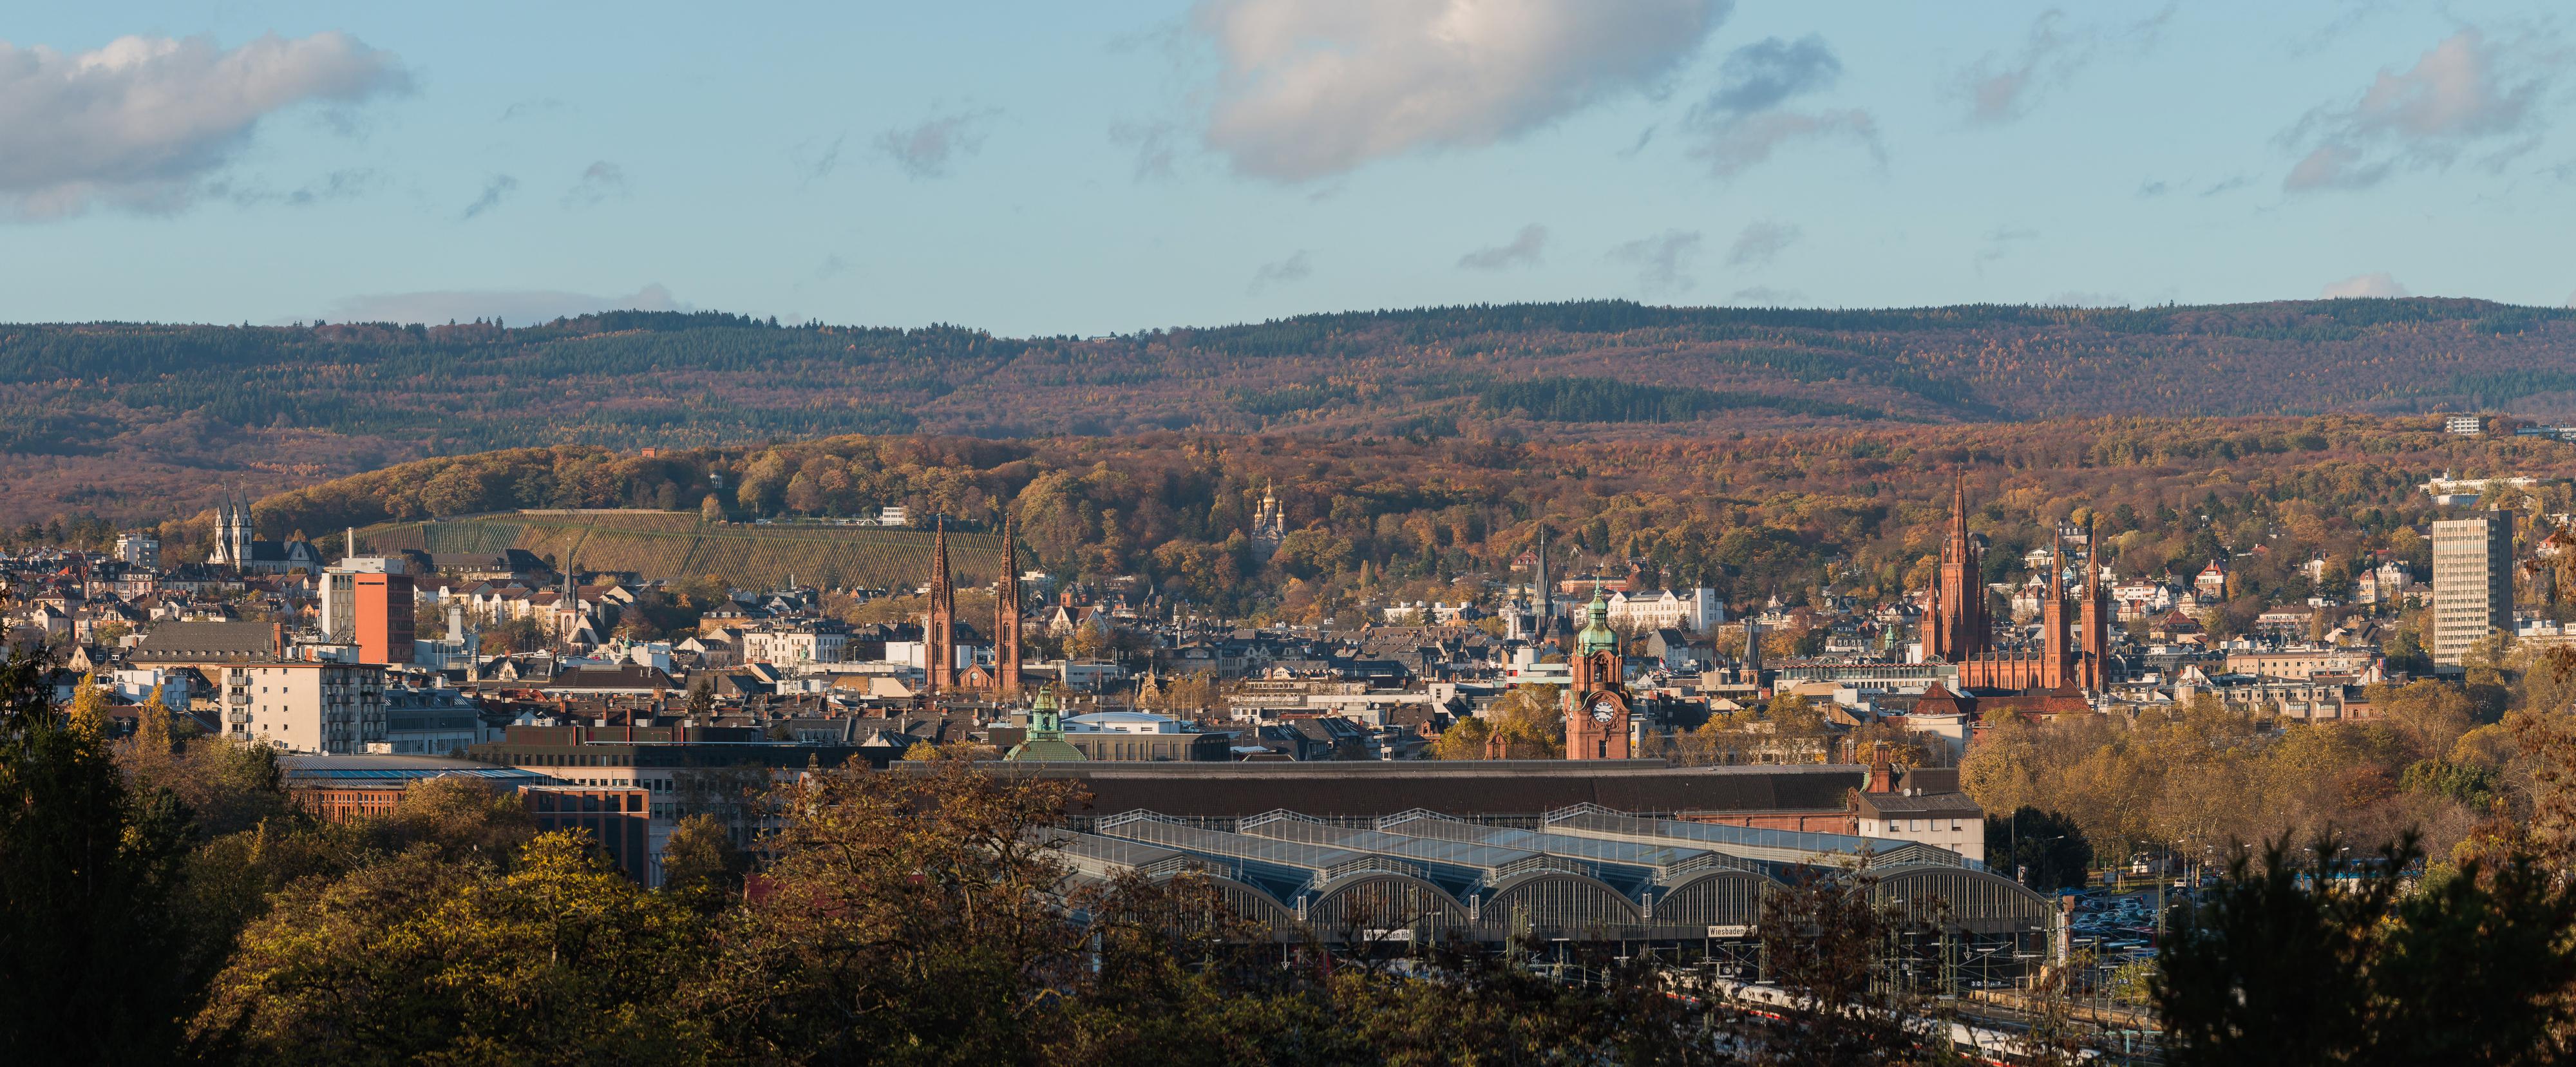 Wiesbaden Wikipedia